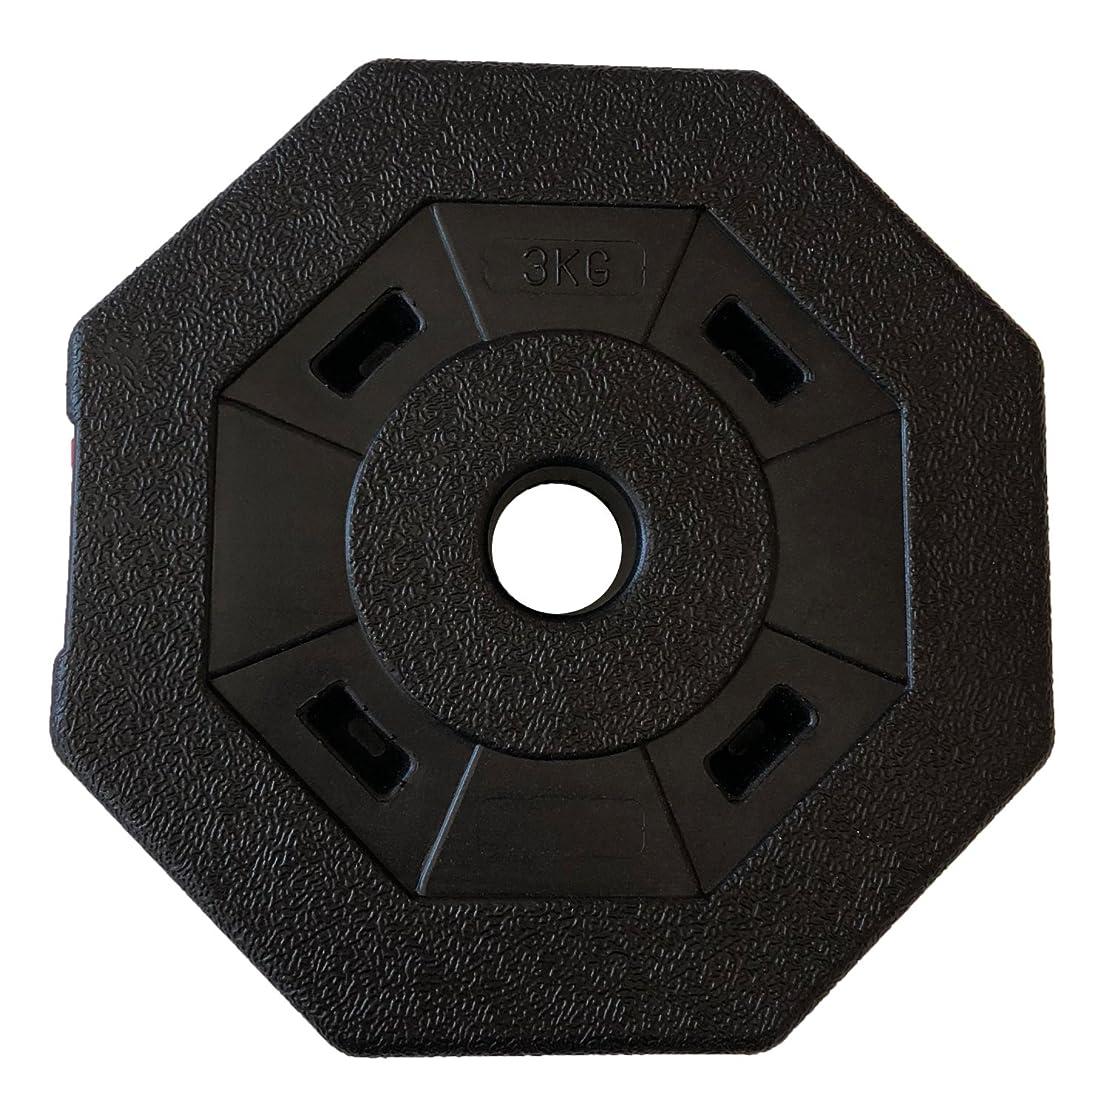 気楽な略す認識Wout バーベルにもなる ダンベル 5kg 10kg 20kg 2個セット